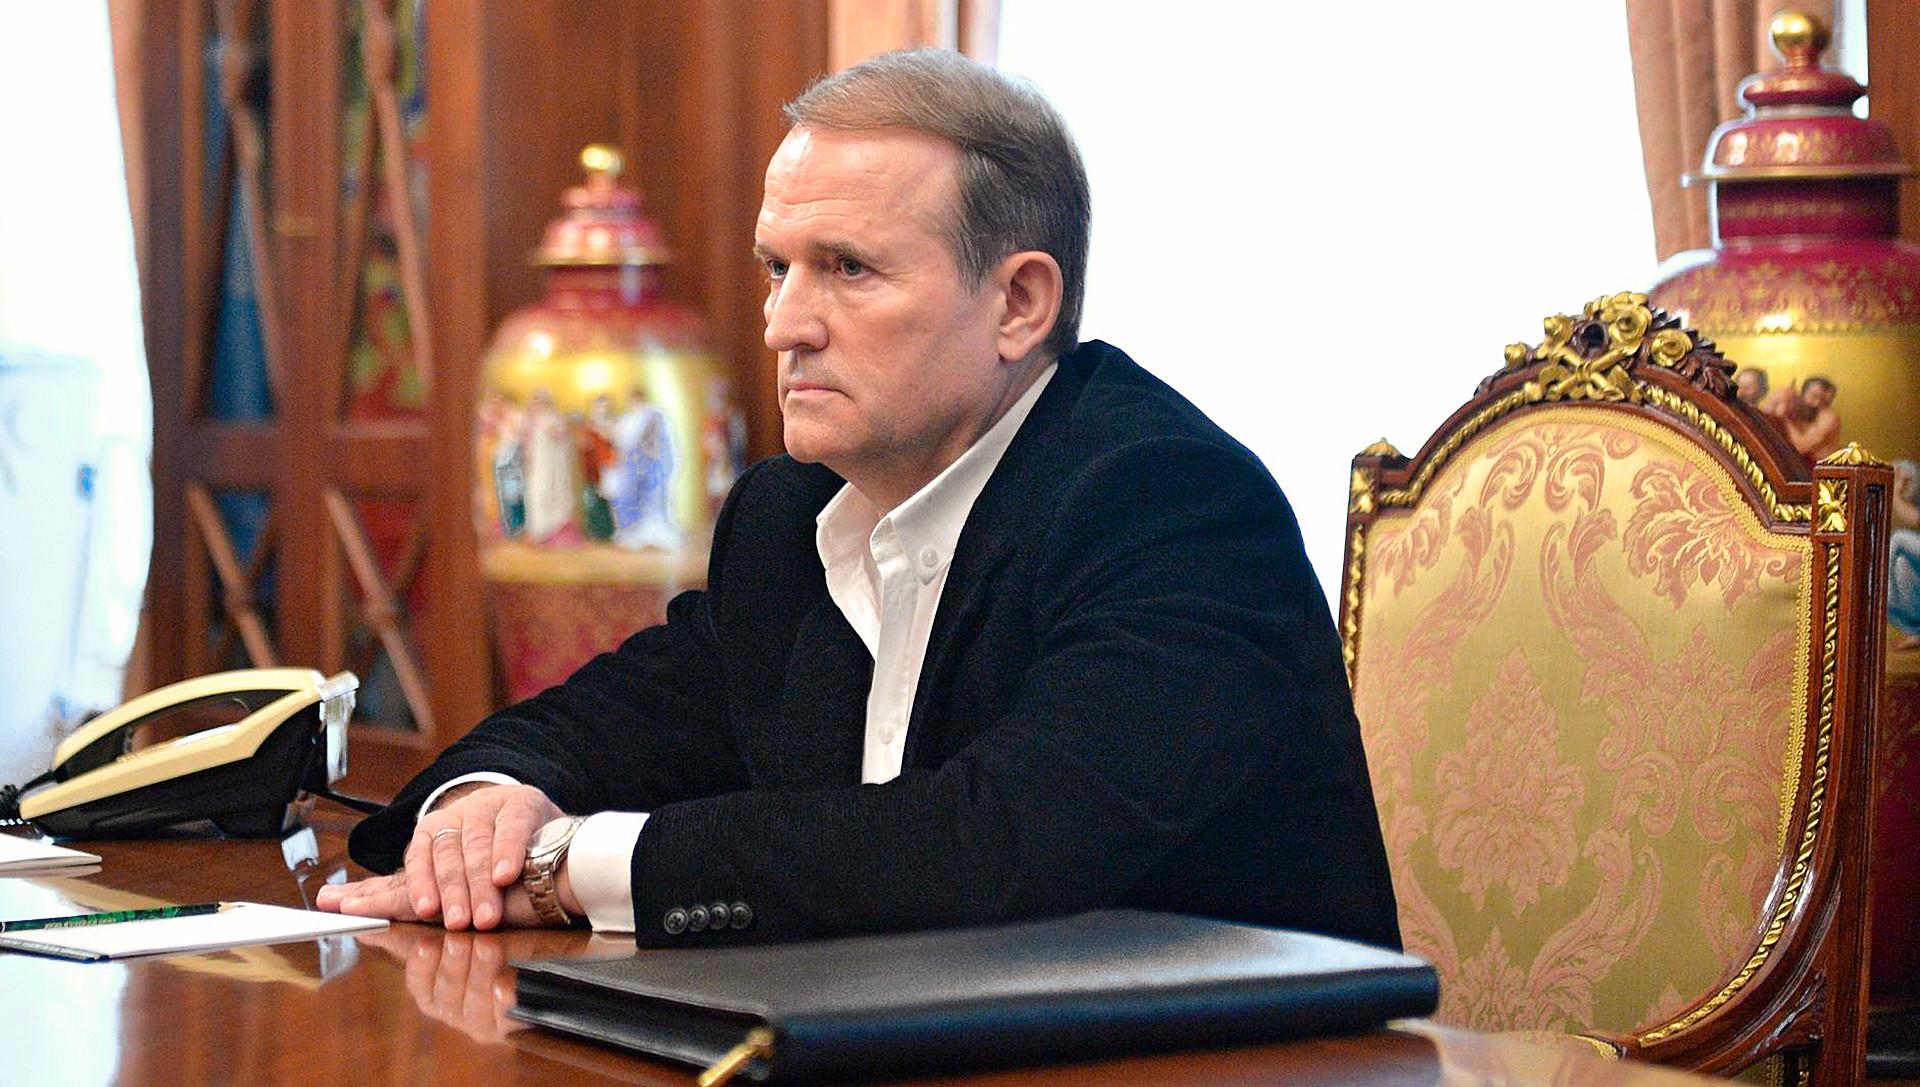 ヴィクトル・メドヴェチュク